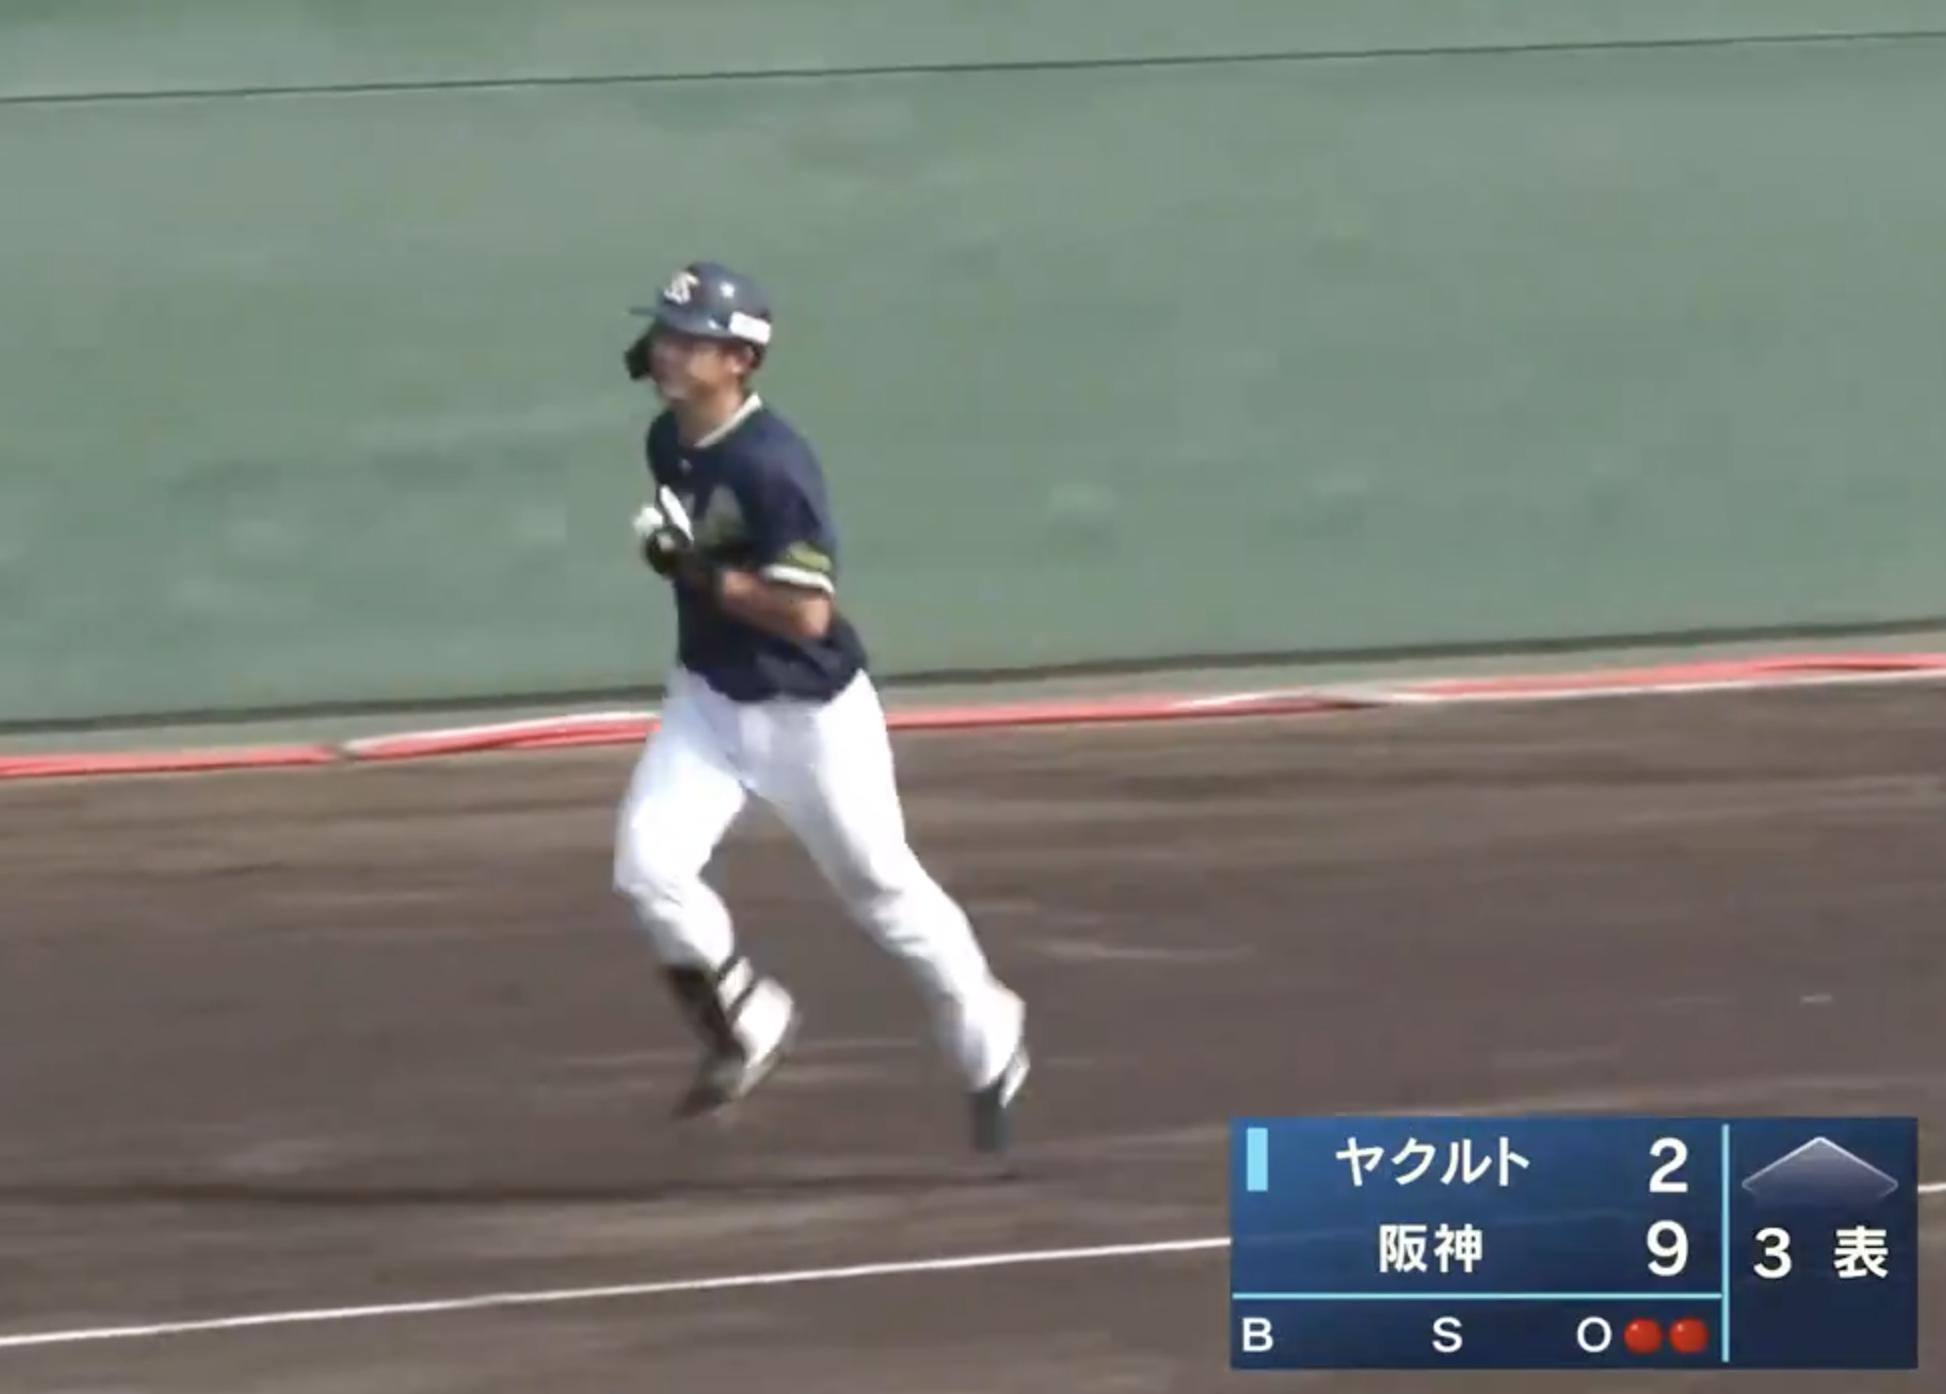 【フェニックス・リーグ】ヤクルト・長岡秀樹選手から3試合連続となるホームランが飛び出す!!